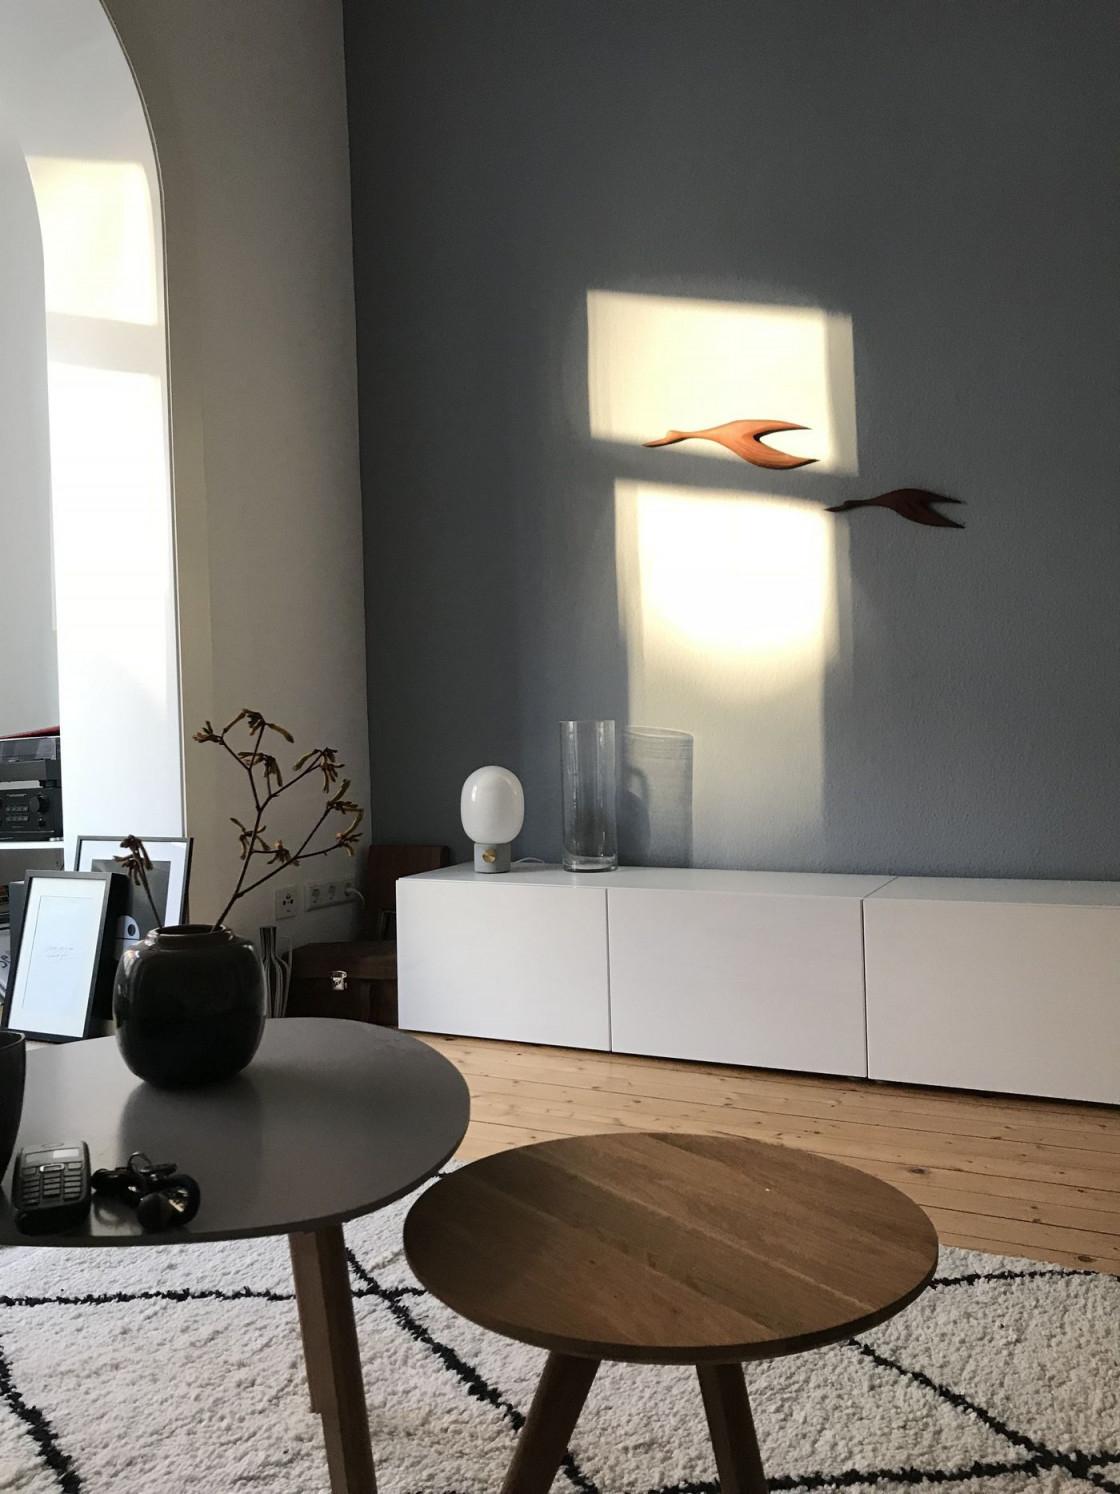 Die Schönsten Ideen Mit Dem Ikea Bestå System von Besta Wohnzimmer Ideen Photo